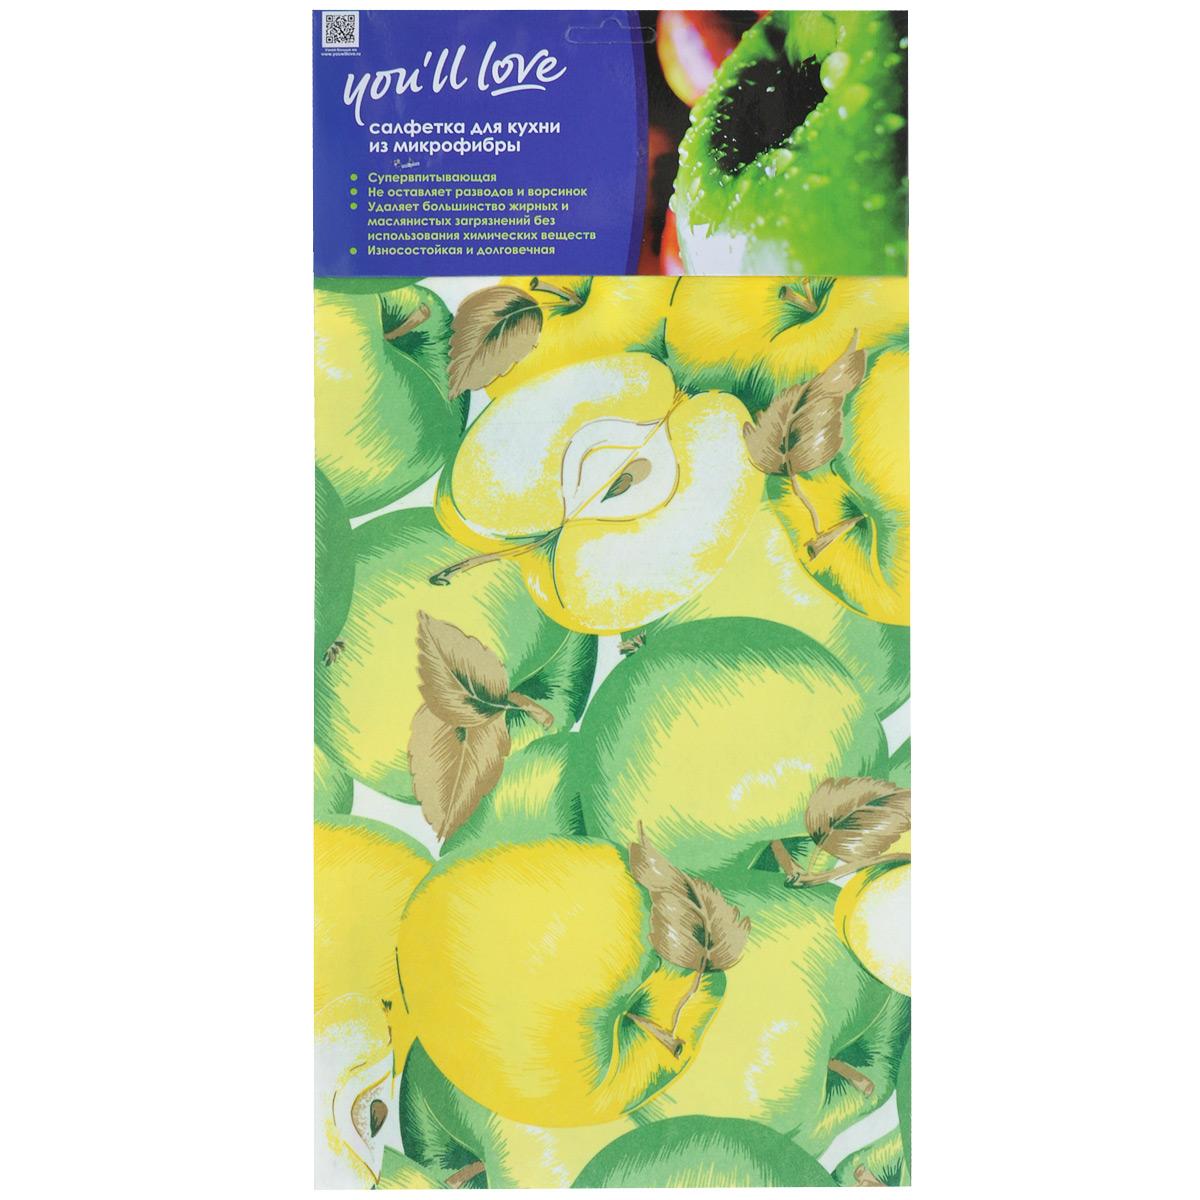 Салфетка для кухни Youll Love Яблоко, цвет: зеленый, желтый, 40 см х 60 см10503Салфетка Youll Love Яблоко, изготовленная из микрофибры (80% полиэстера и 20% полиамида), предназначена для очищения загрязнений на любых поверхностях. Изделие обладает высокой износоустойчивостью и рассчитано на многократное использование, легко моется в теплой воде с мягкими чистящими средствами. Супервпитывающая салфетка не оставляет разводов и ворсинок, удаляет большинство жирных и маслянистых загрязнений без использования химических средств. Размер салфетки: 40 см х 60 см.